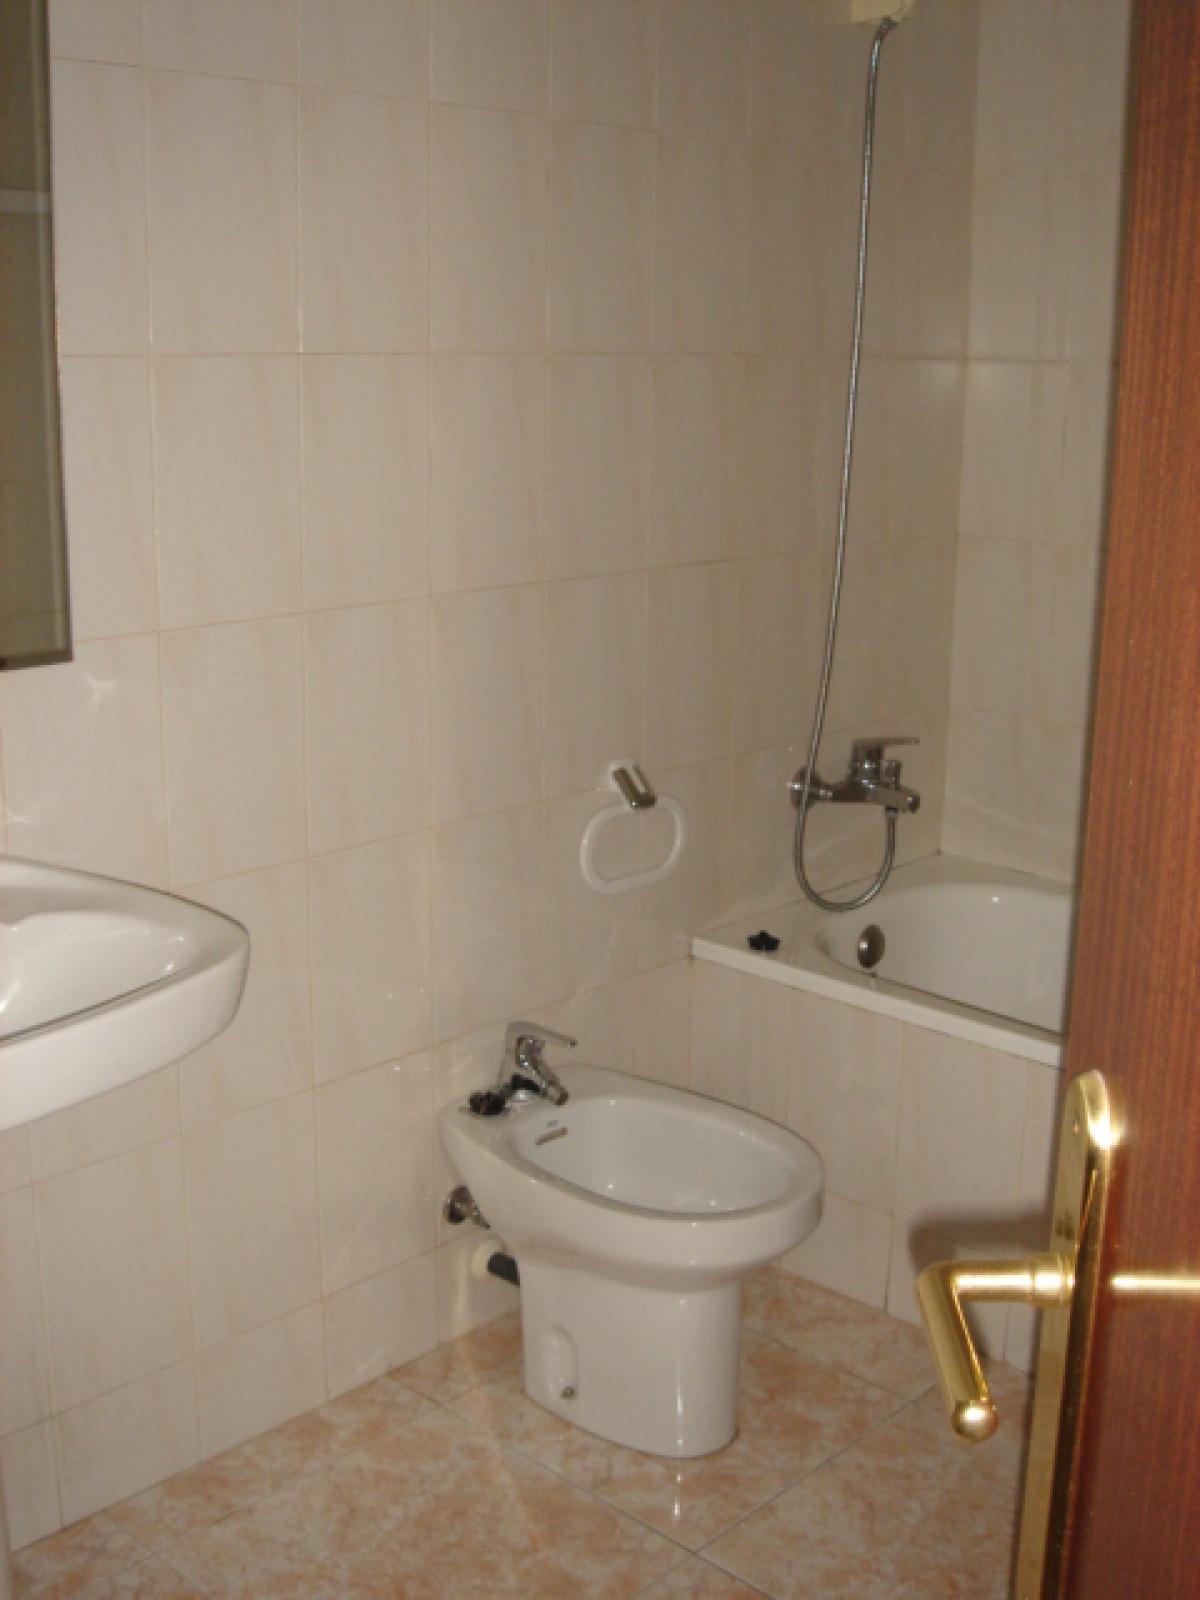 Pis de 1 habitació doble amb armaris encastats, 1 bany complert, saló menjador, cuina separada, disposa de terrassa, sol i vistes.